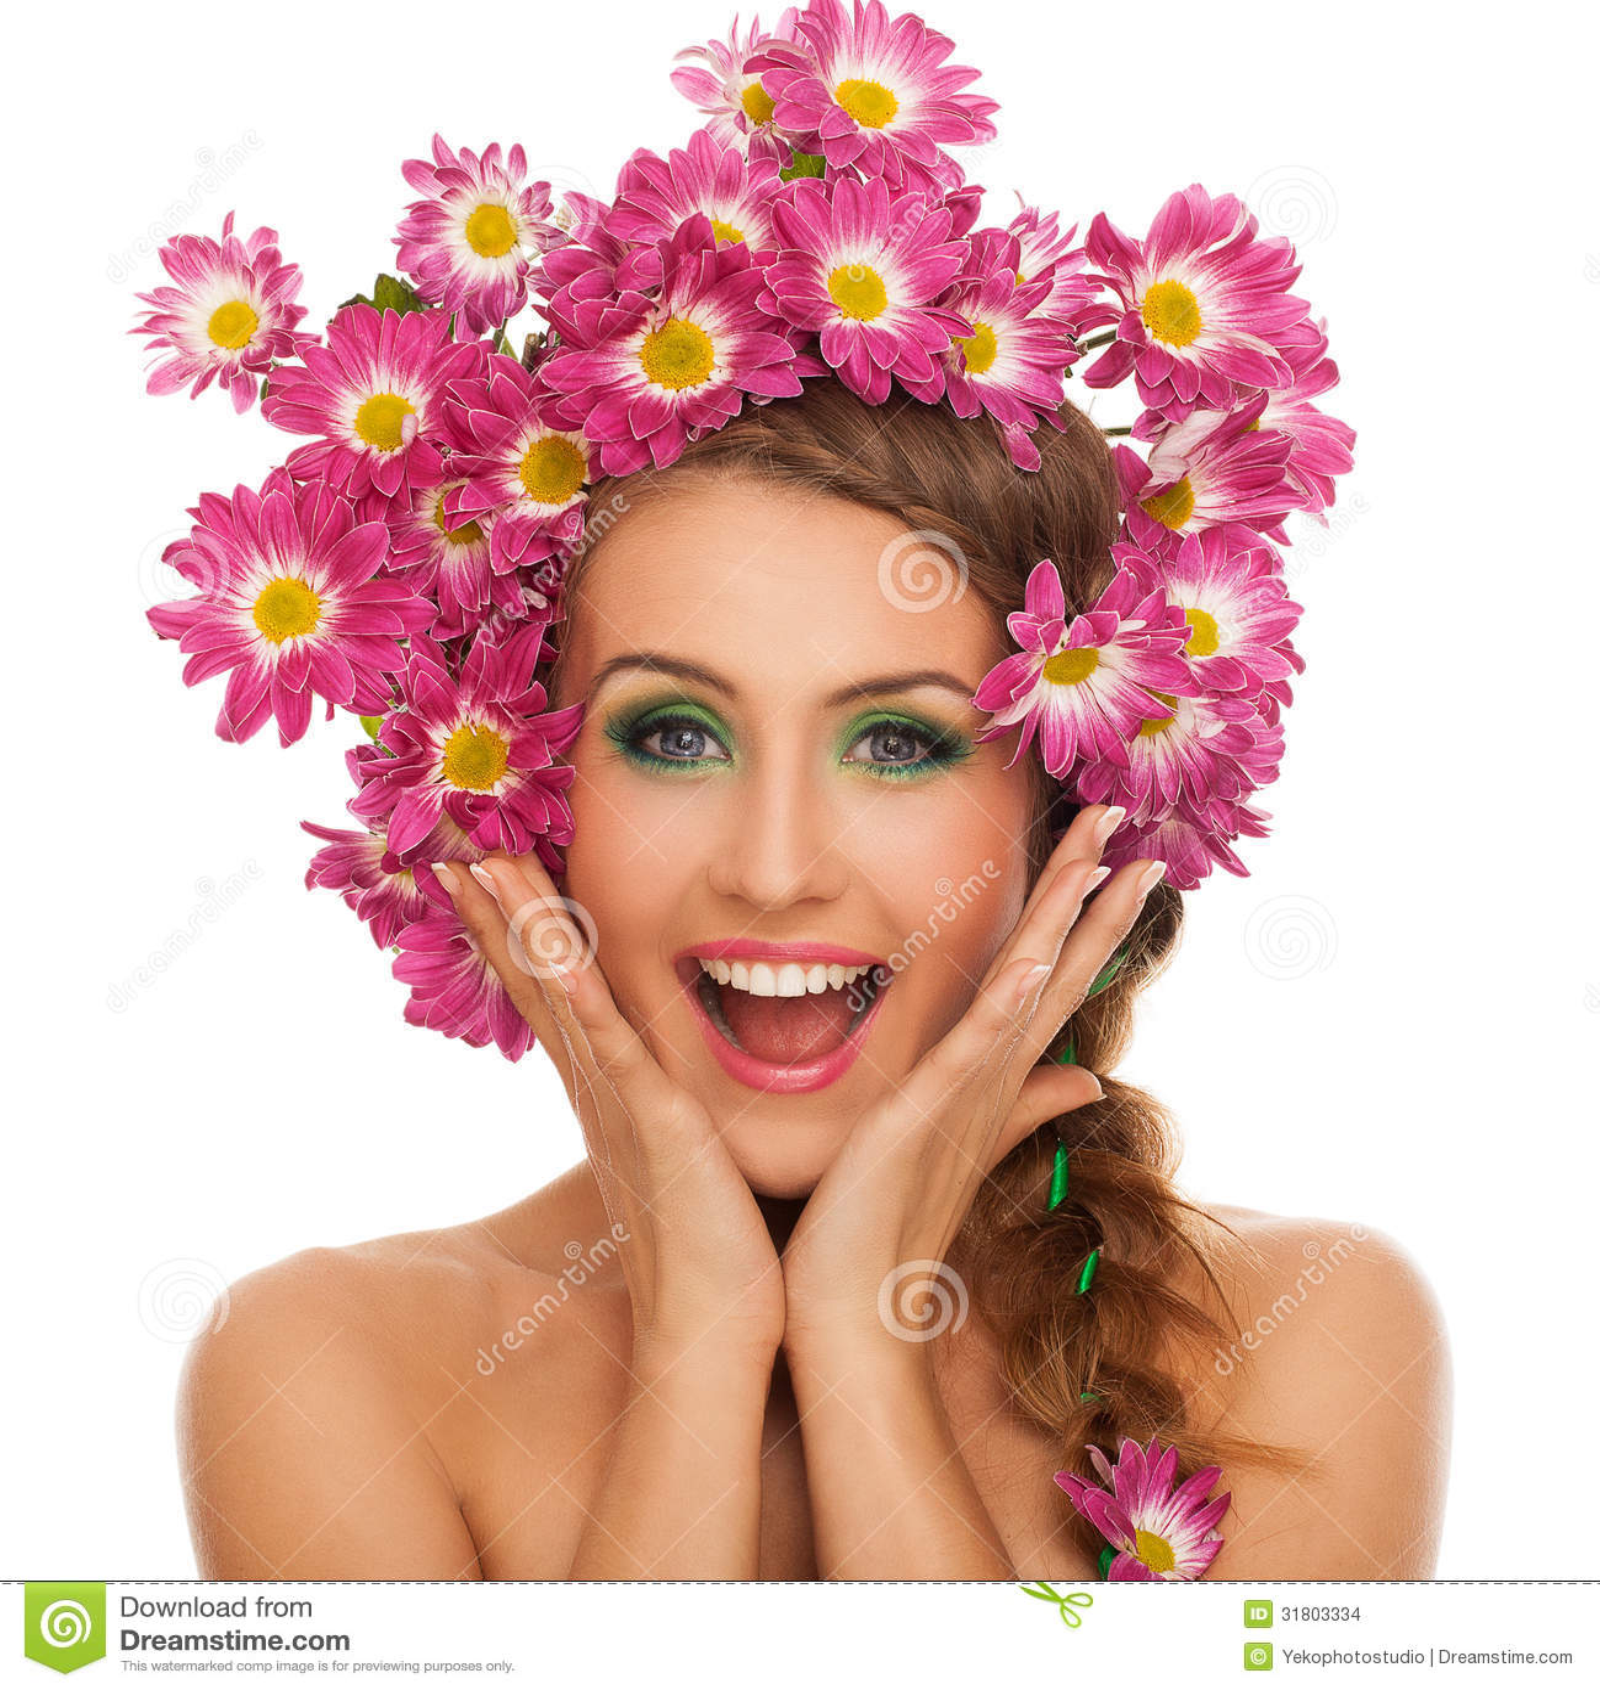 belle femme avec des fleurs dans les cheveux photo stock image 31803334. Black Bedroom Furniture Sets. Home Design Ideas